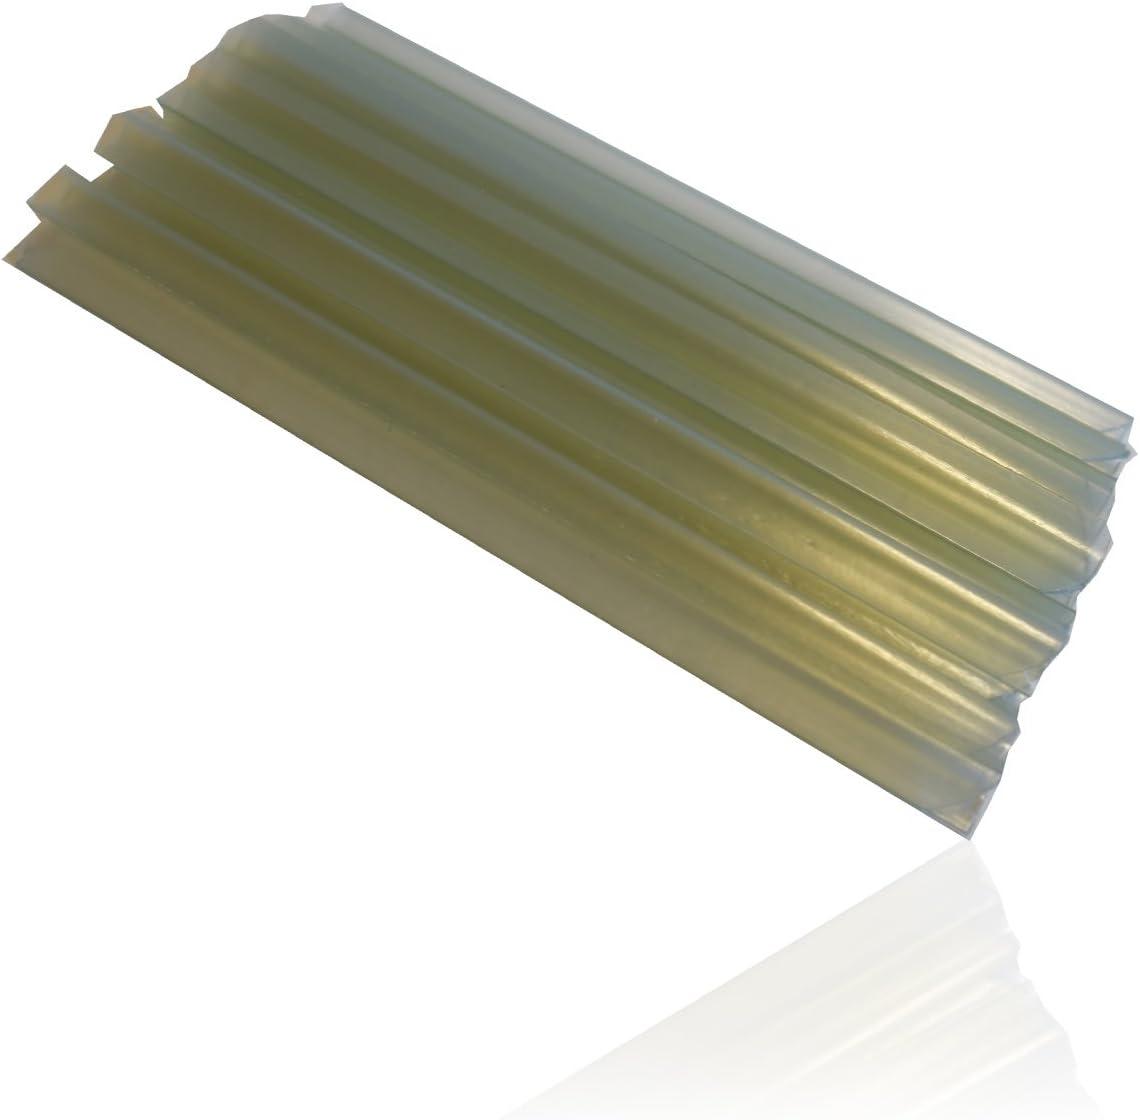 20 Befestigungsclips BRUCHSTEIN HSM 4 x Zaun Sichtschutz Blende Zaunfolie Sichtschutzstreifen 19cm x 35m aus hochwertigem PVC als Windschutz inkl